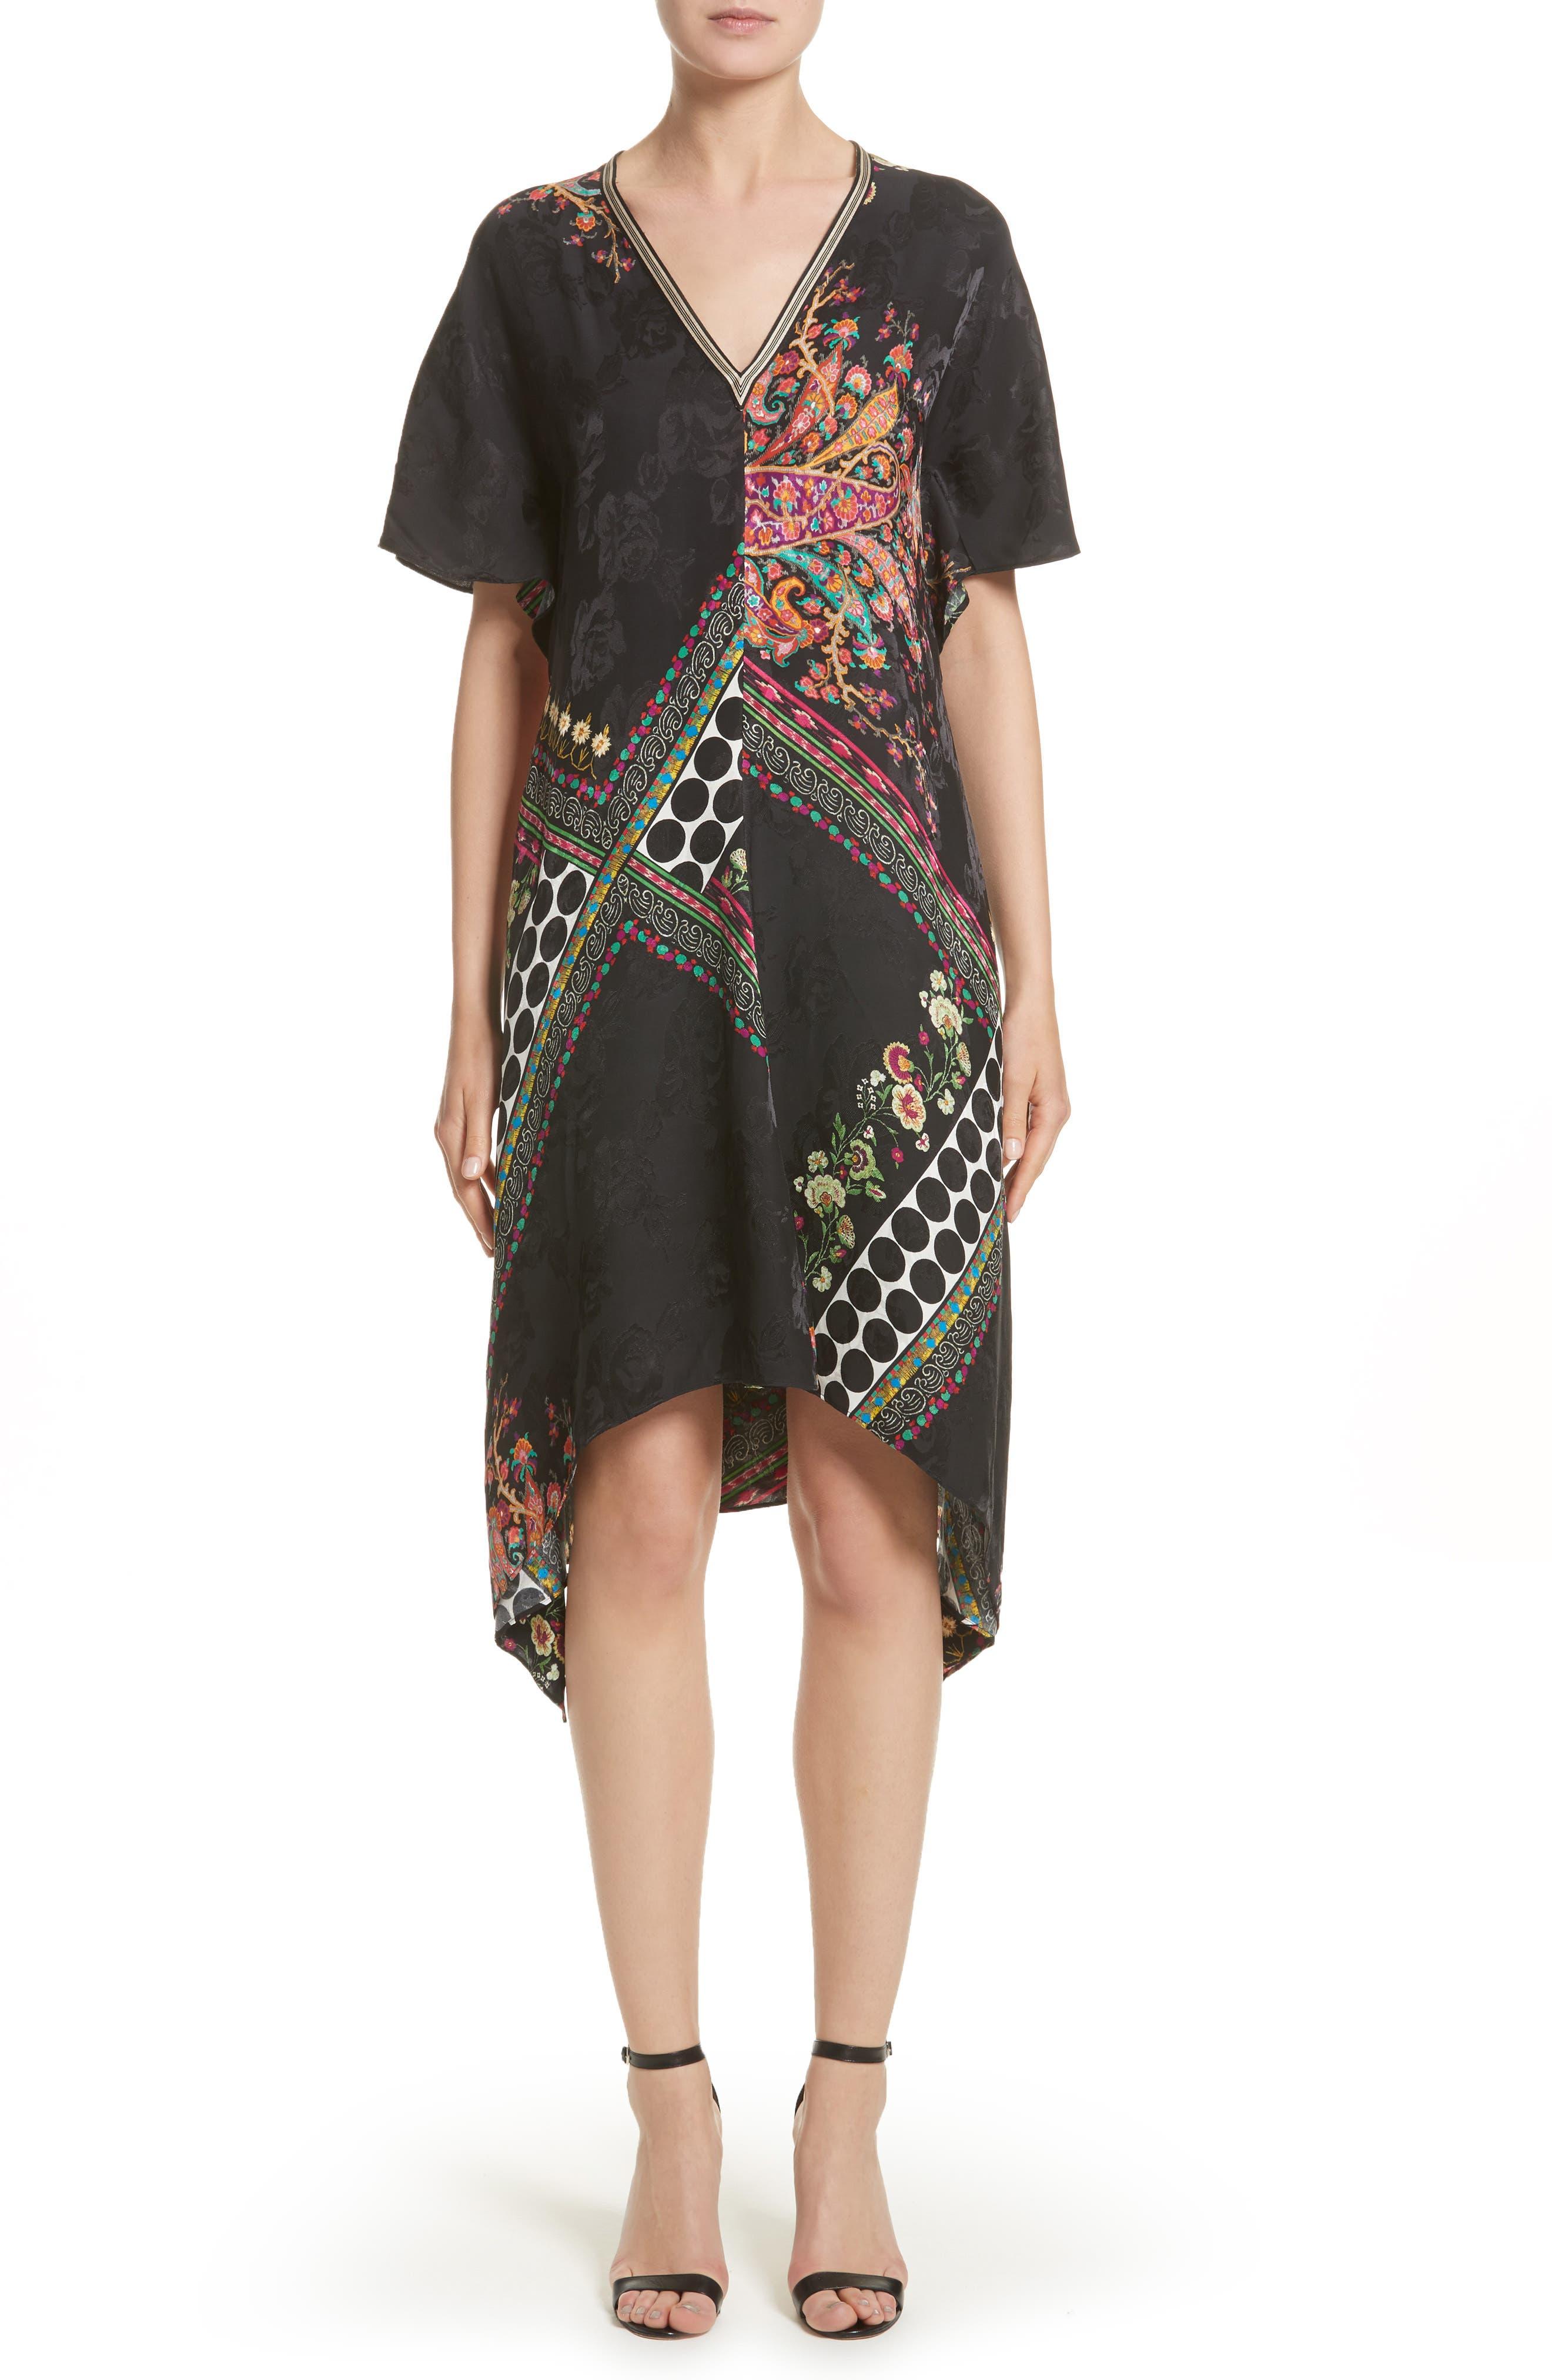 Etro Floral & Polka Dot Print Flutter Dress